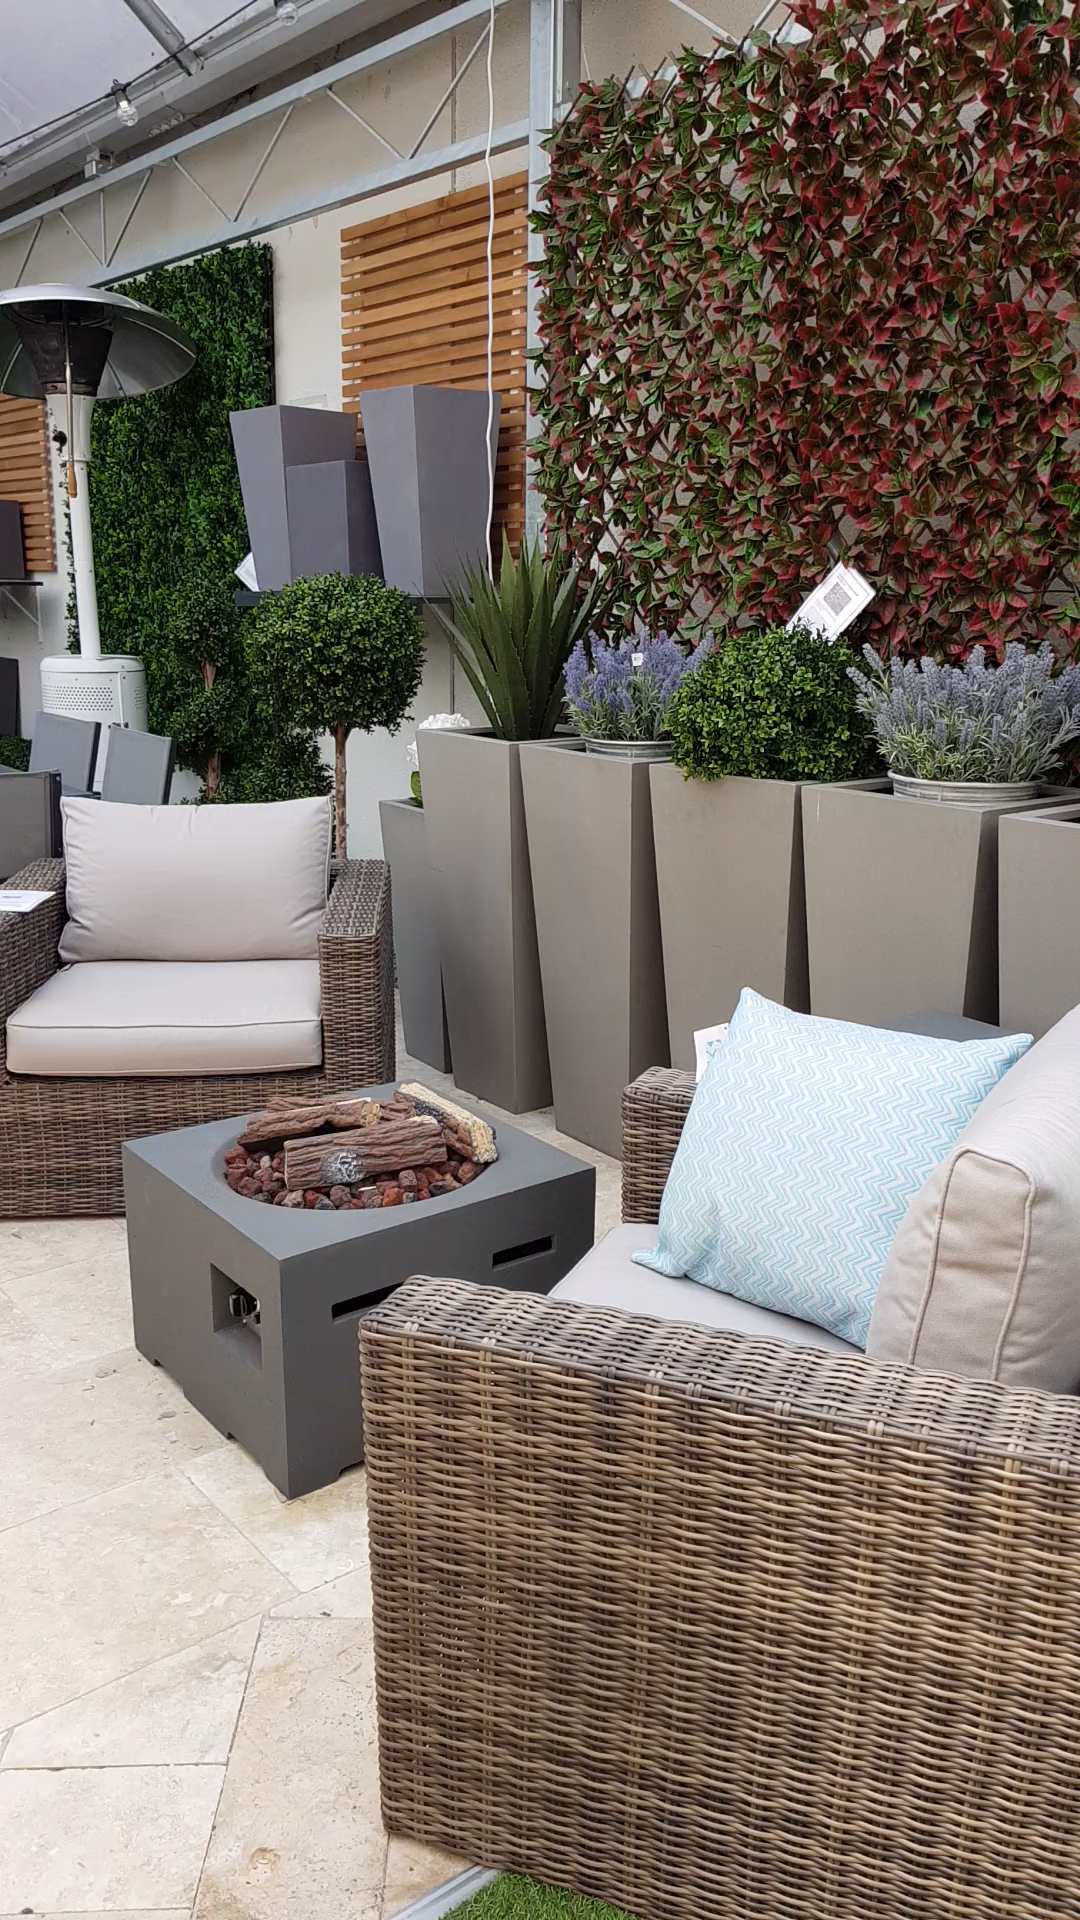 Showroom Display Garden Furniture Dublin In 2020 Pallet Garden